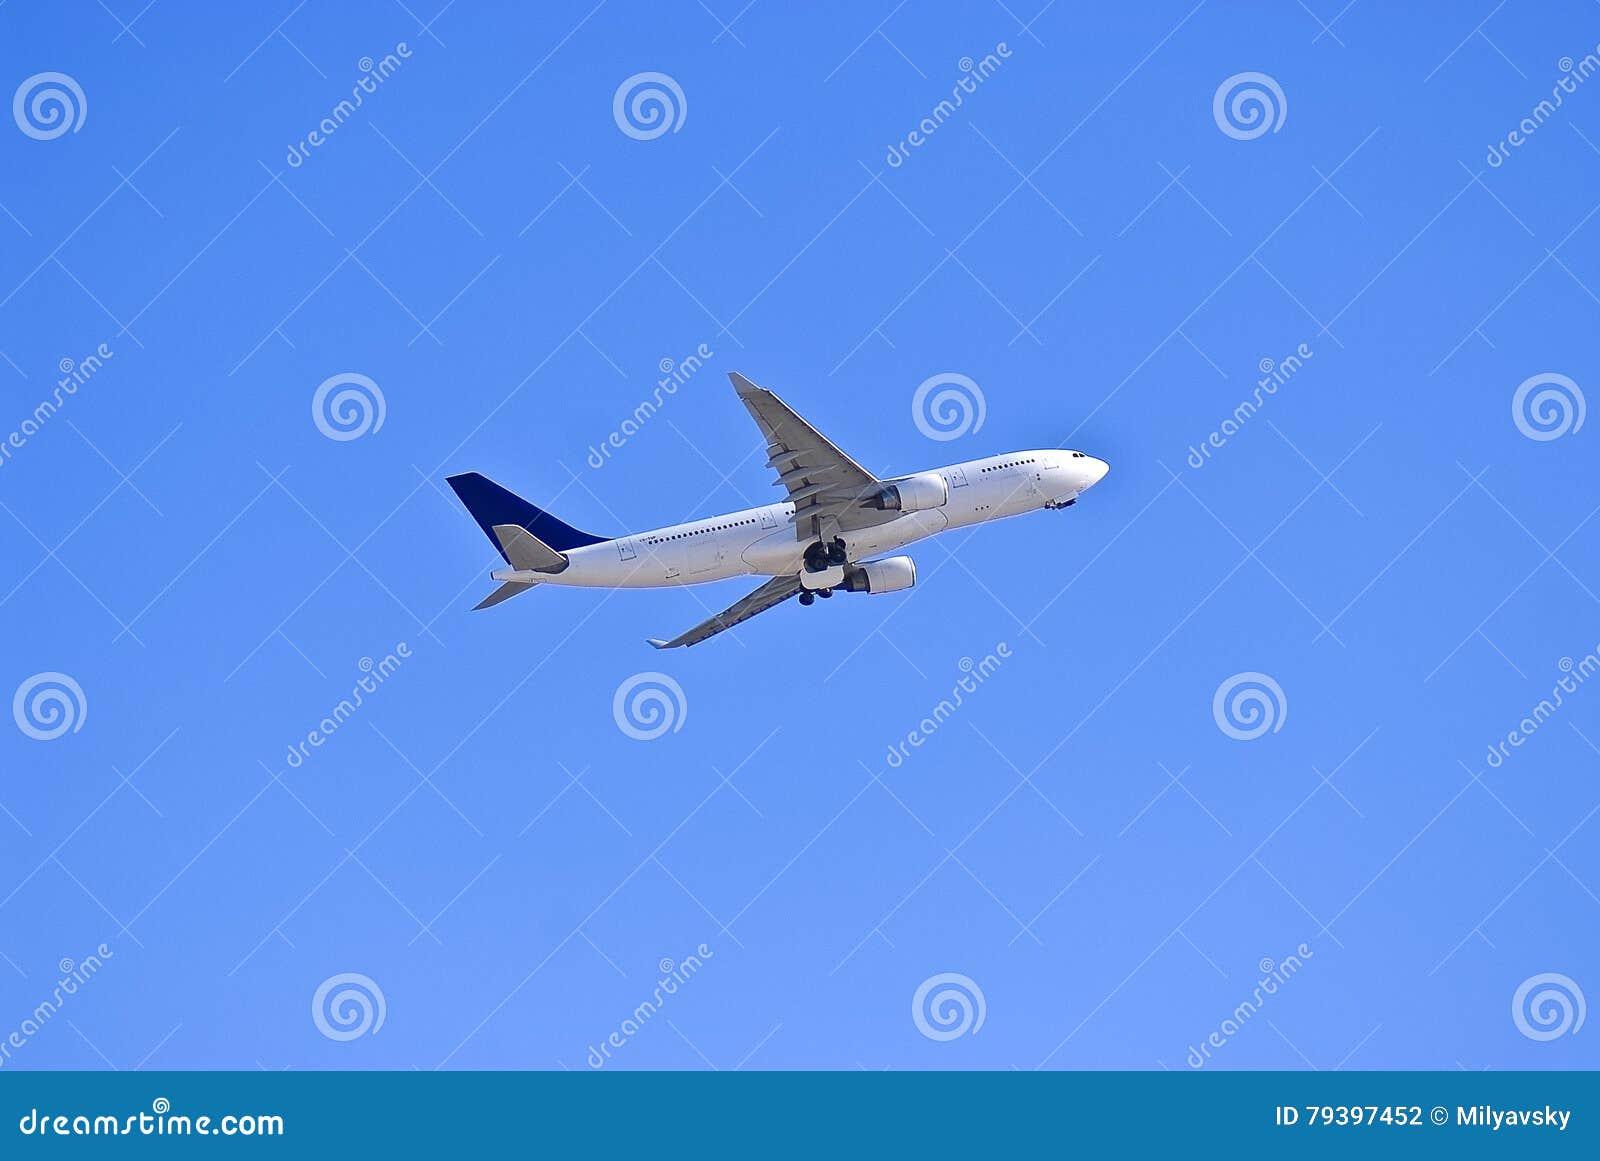 Samolot w niebie